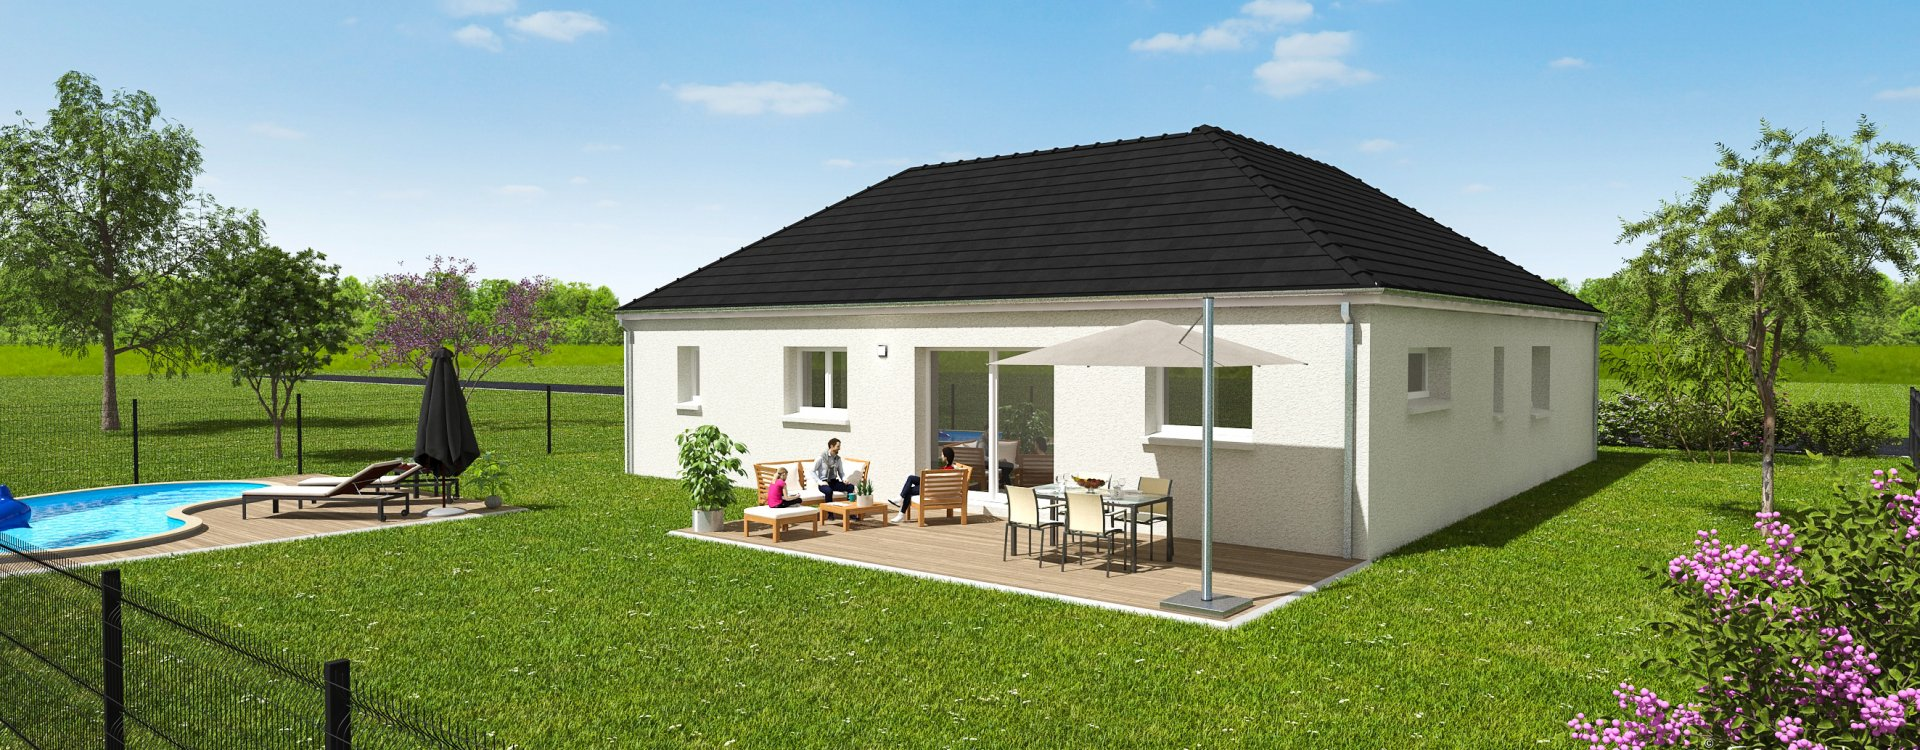 Maisons + Terrains du constructeur EASY HOUSE FRANCE • 107 m² • JOUY LE POTIER